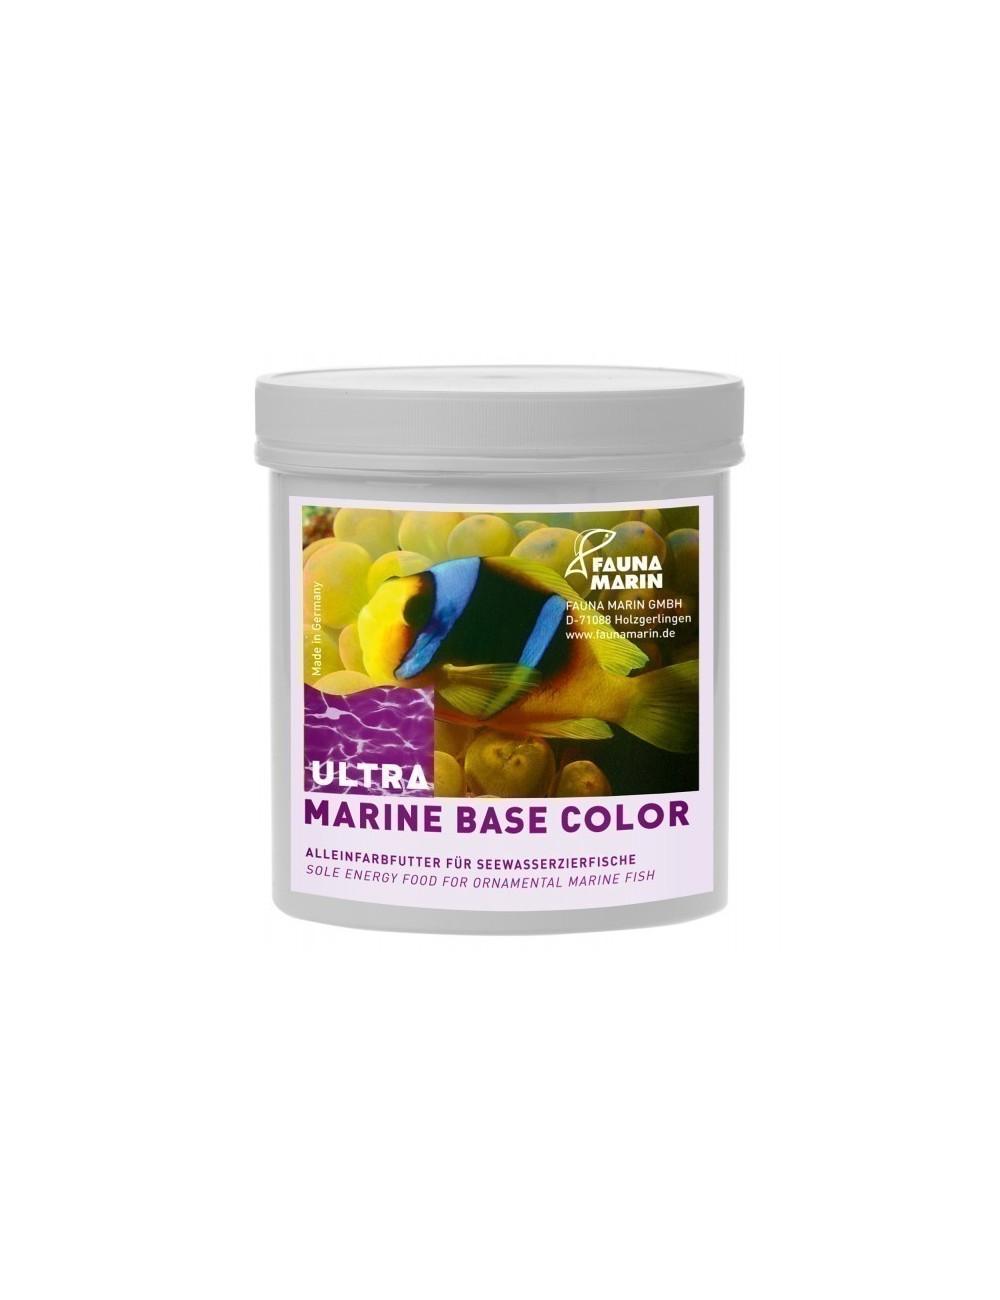 FAUNA MARIN - Marine Base Color Taille L 100ml